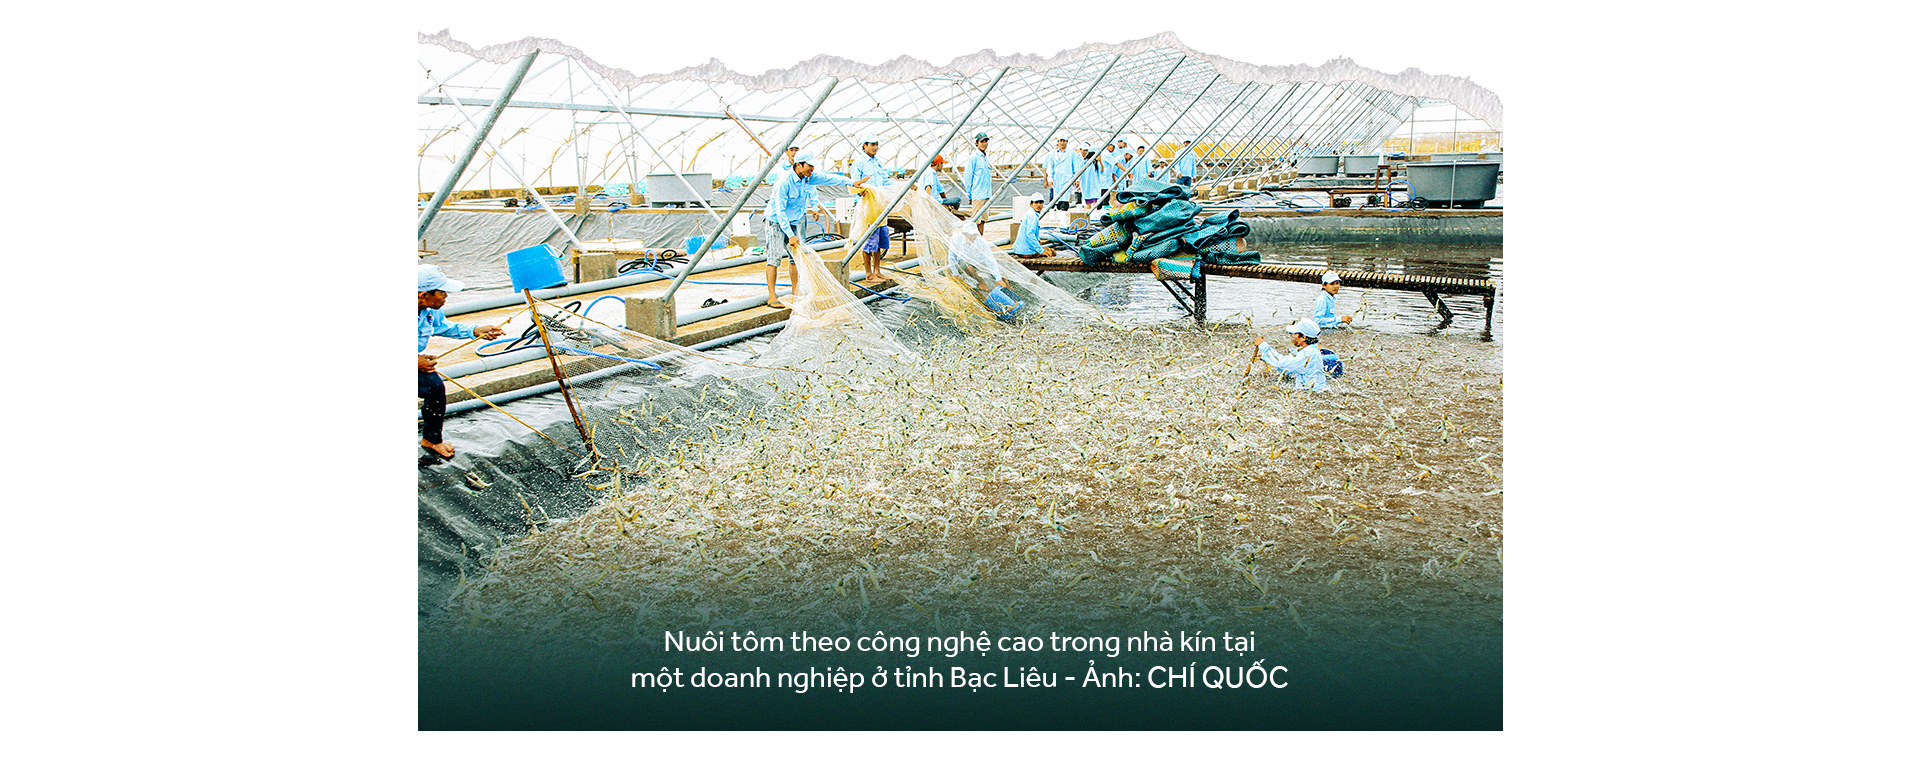 Đồng bằng sông Cửu Long: 35 năm thay da đổi thịt - Ảnh 17.